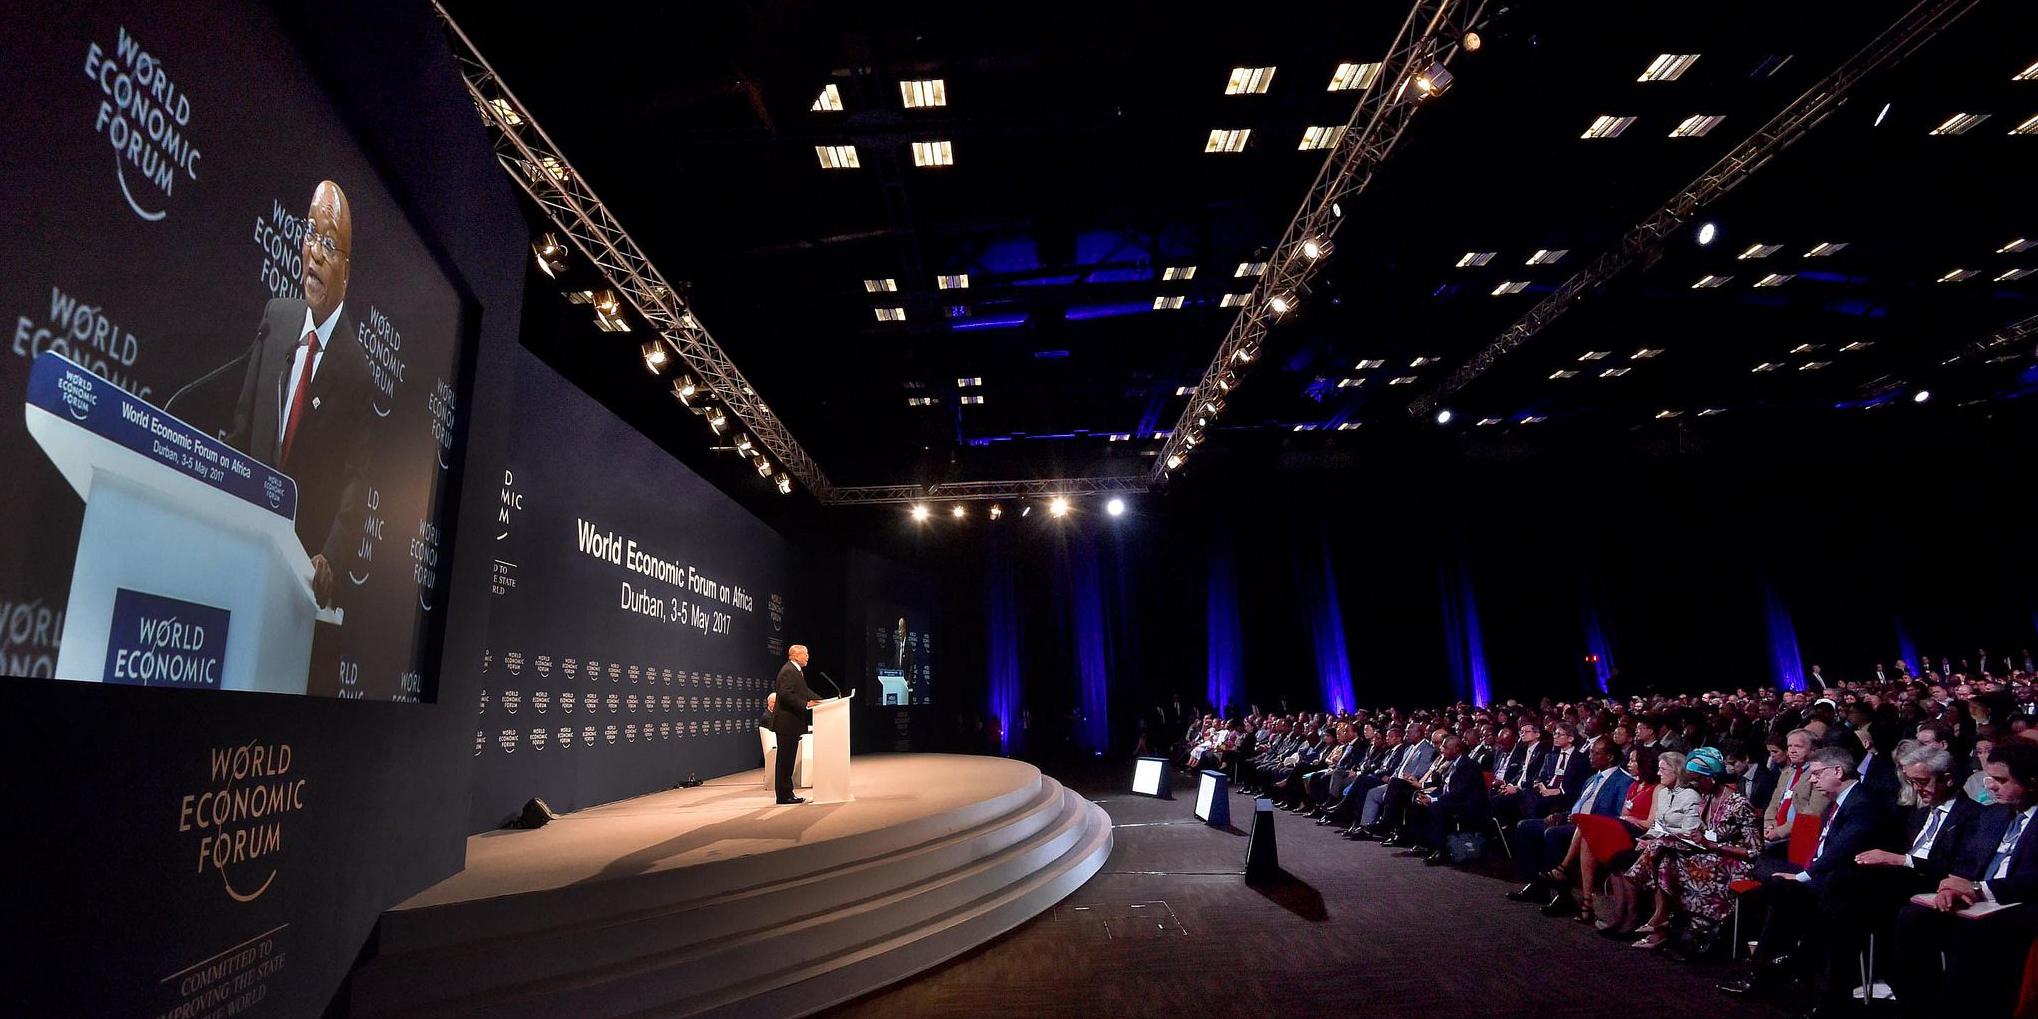 Südafrikas Präsident Jacob Zuma hält eine Rede vor dem Weltwirtschaftsforum in Davos 2014.